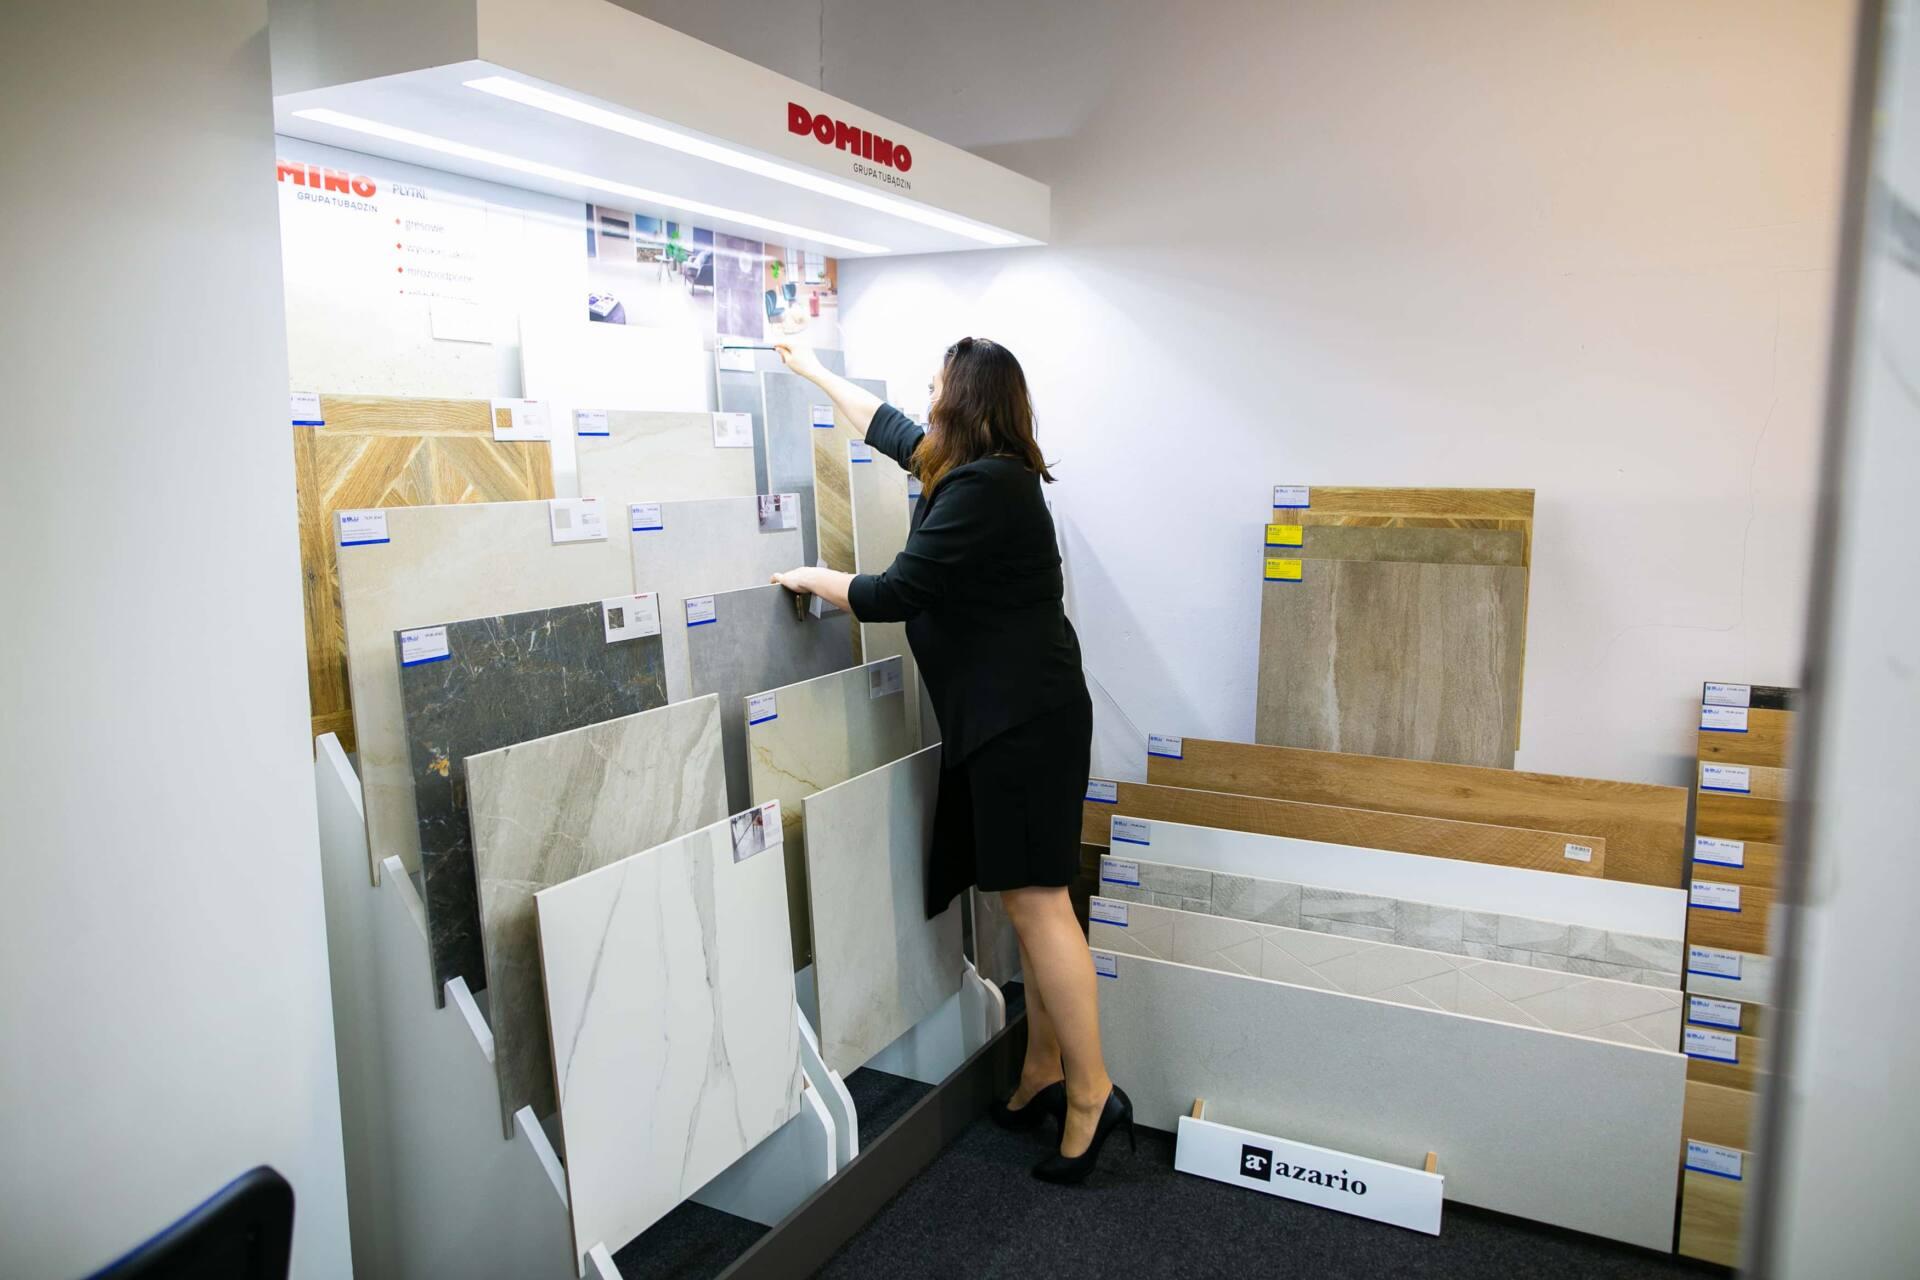 5db 5603 Salon BLU: na ponad 500 m2., 36 łazienkowych aranżacji i bogata ekspozycja wyposażenia (zdjęcia)